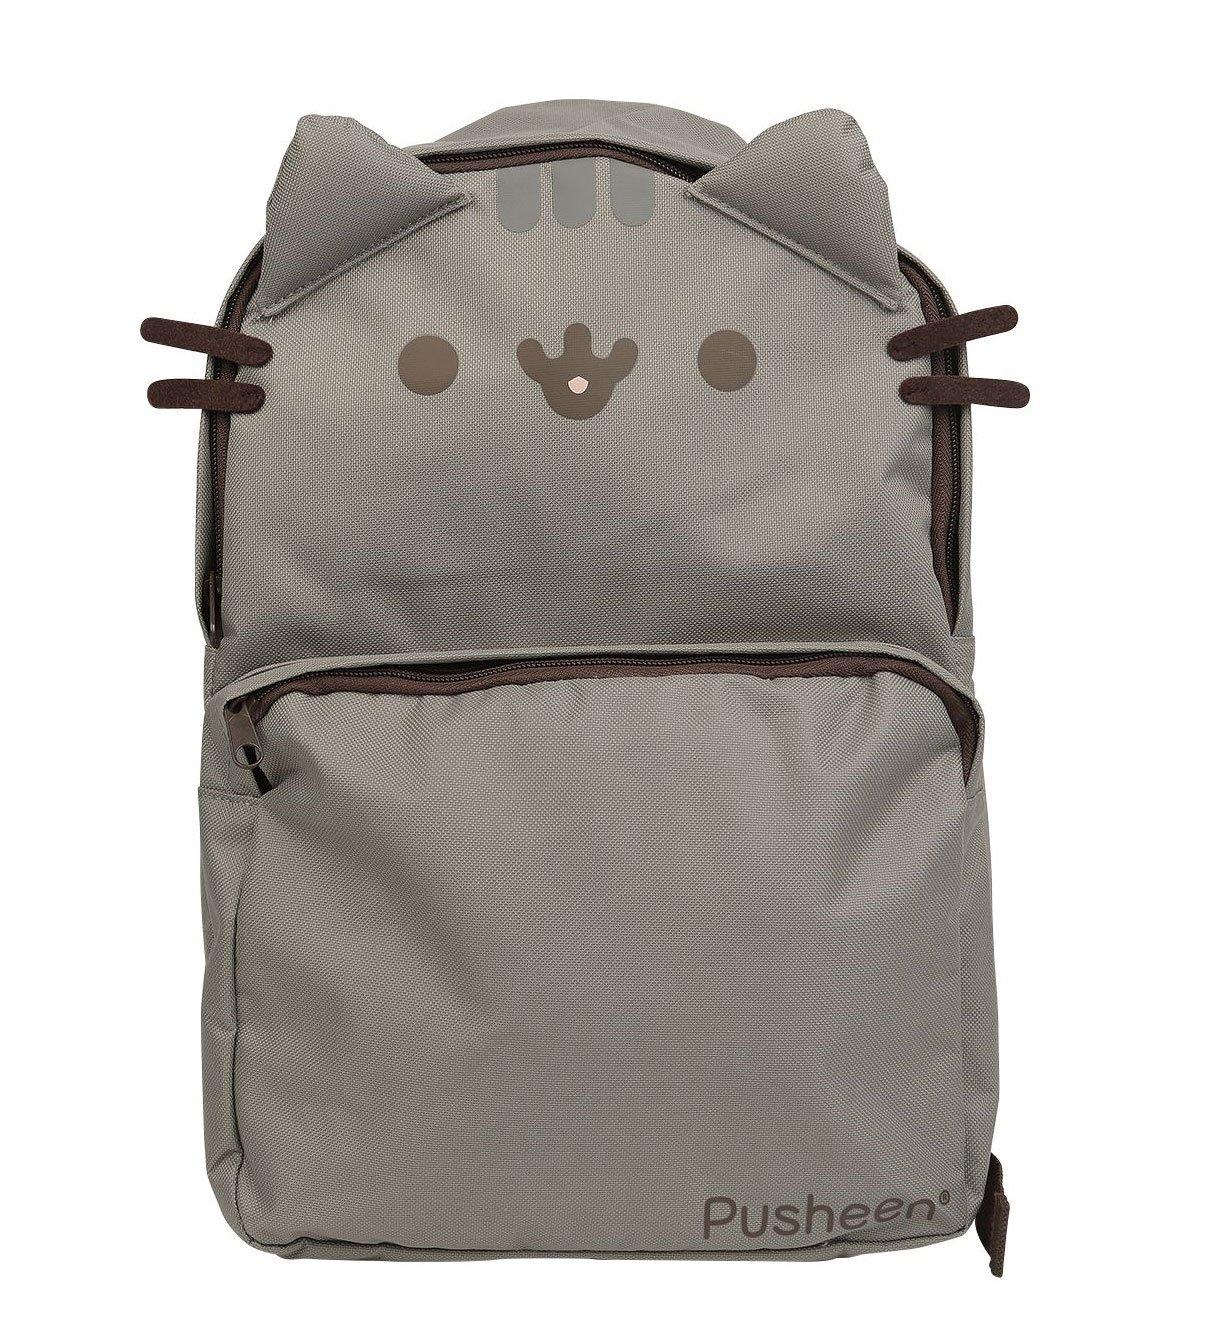 Pusheen Backpack Pusheen